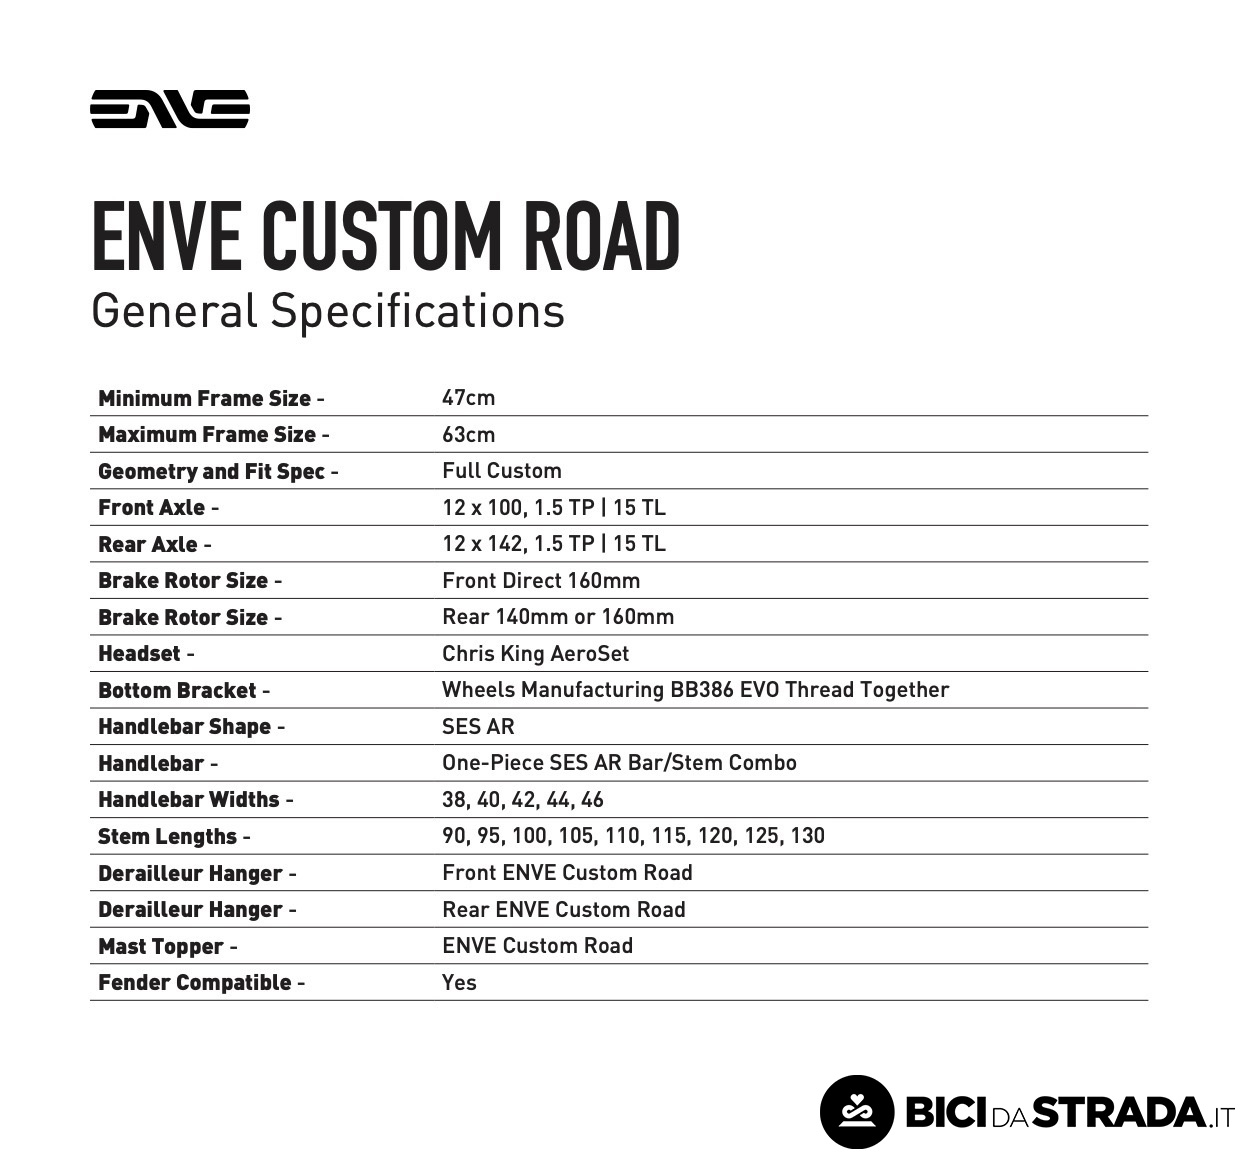 enve custom road